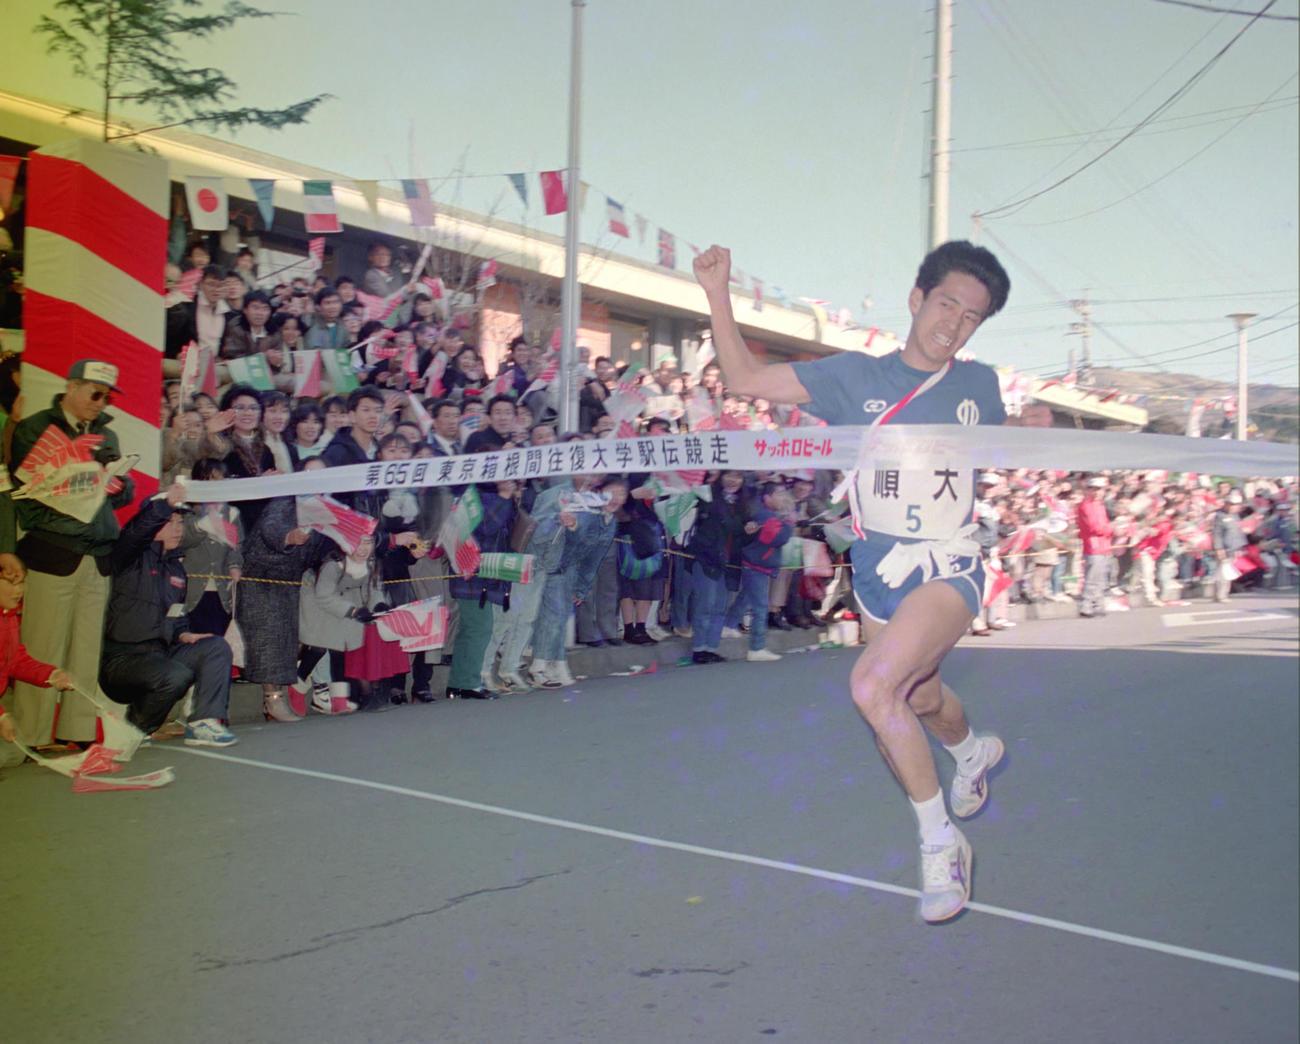 往路 2年連続の往路優勝を決めた順大の5区仲村明はガッツポーズでゴールイン=1989年1月2日